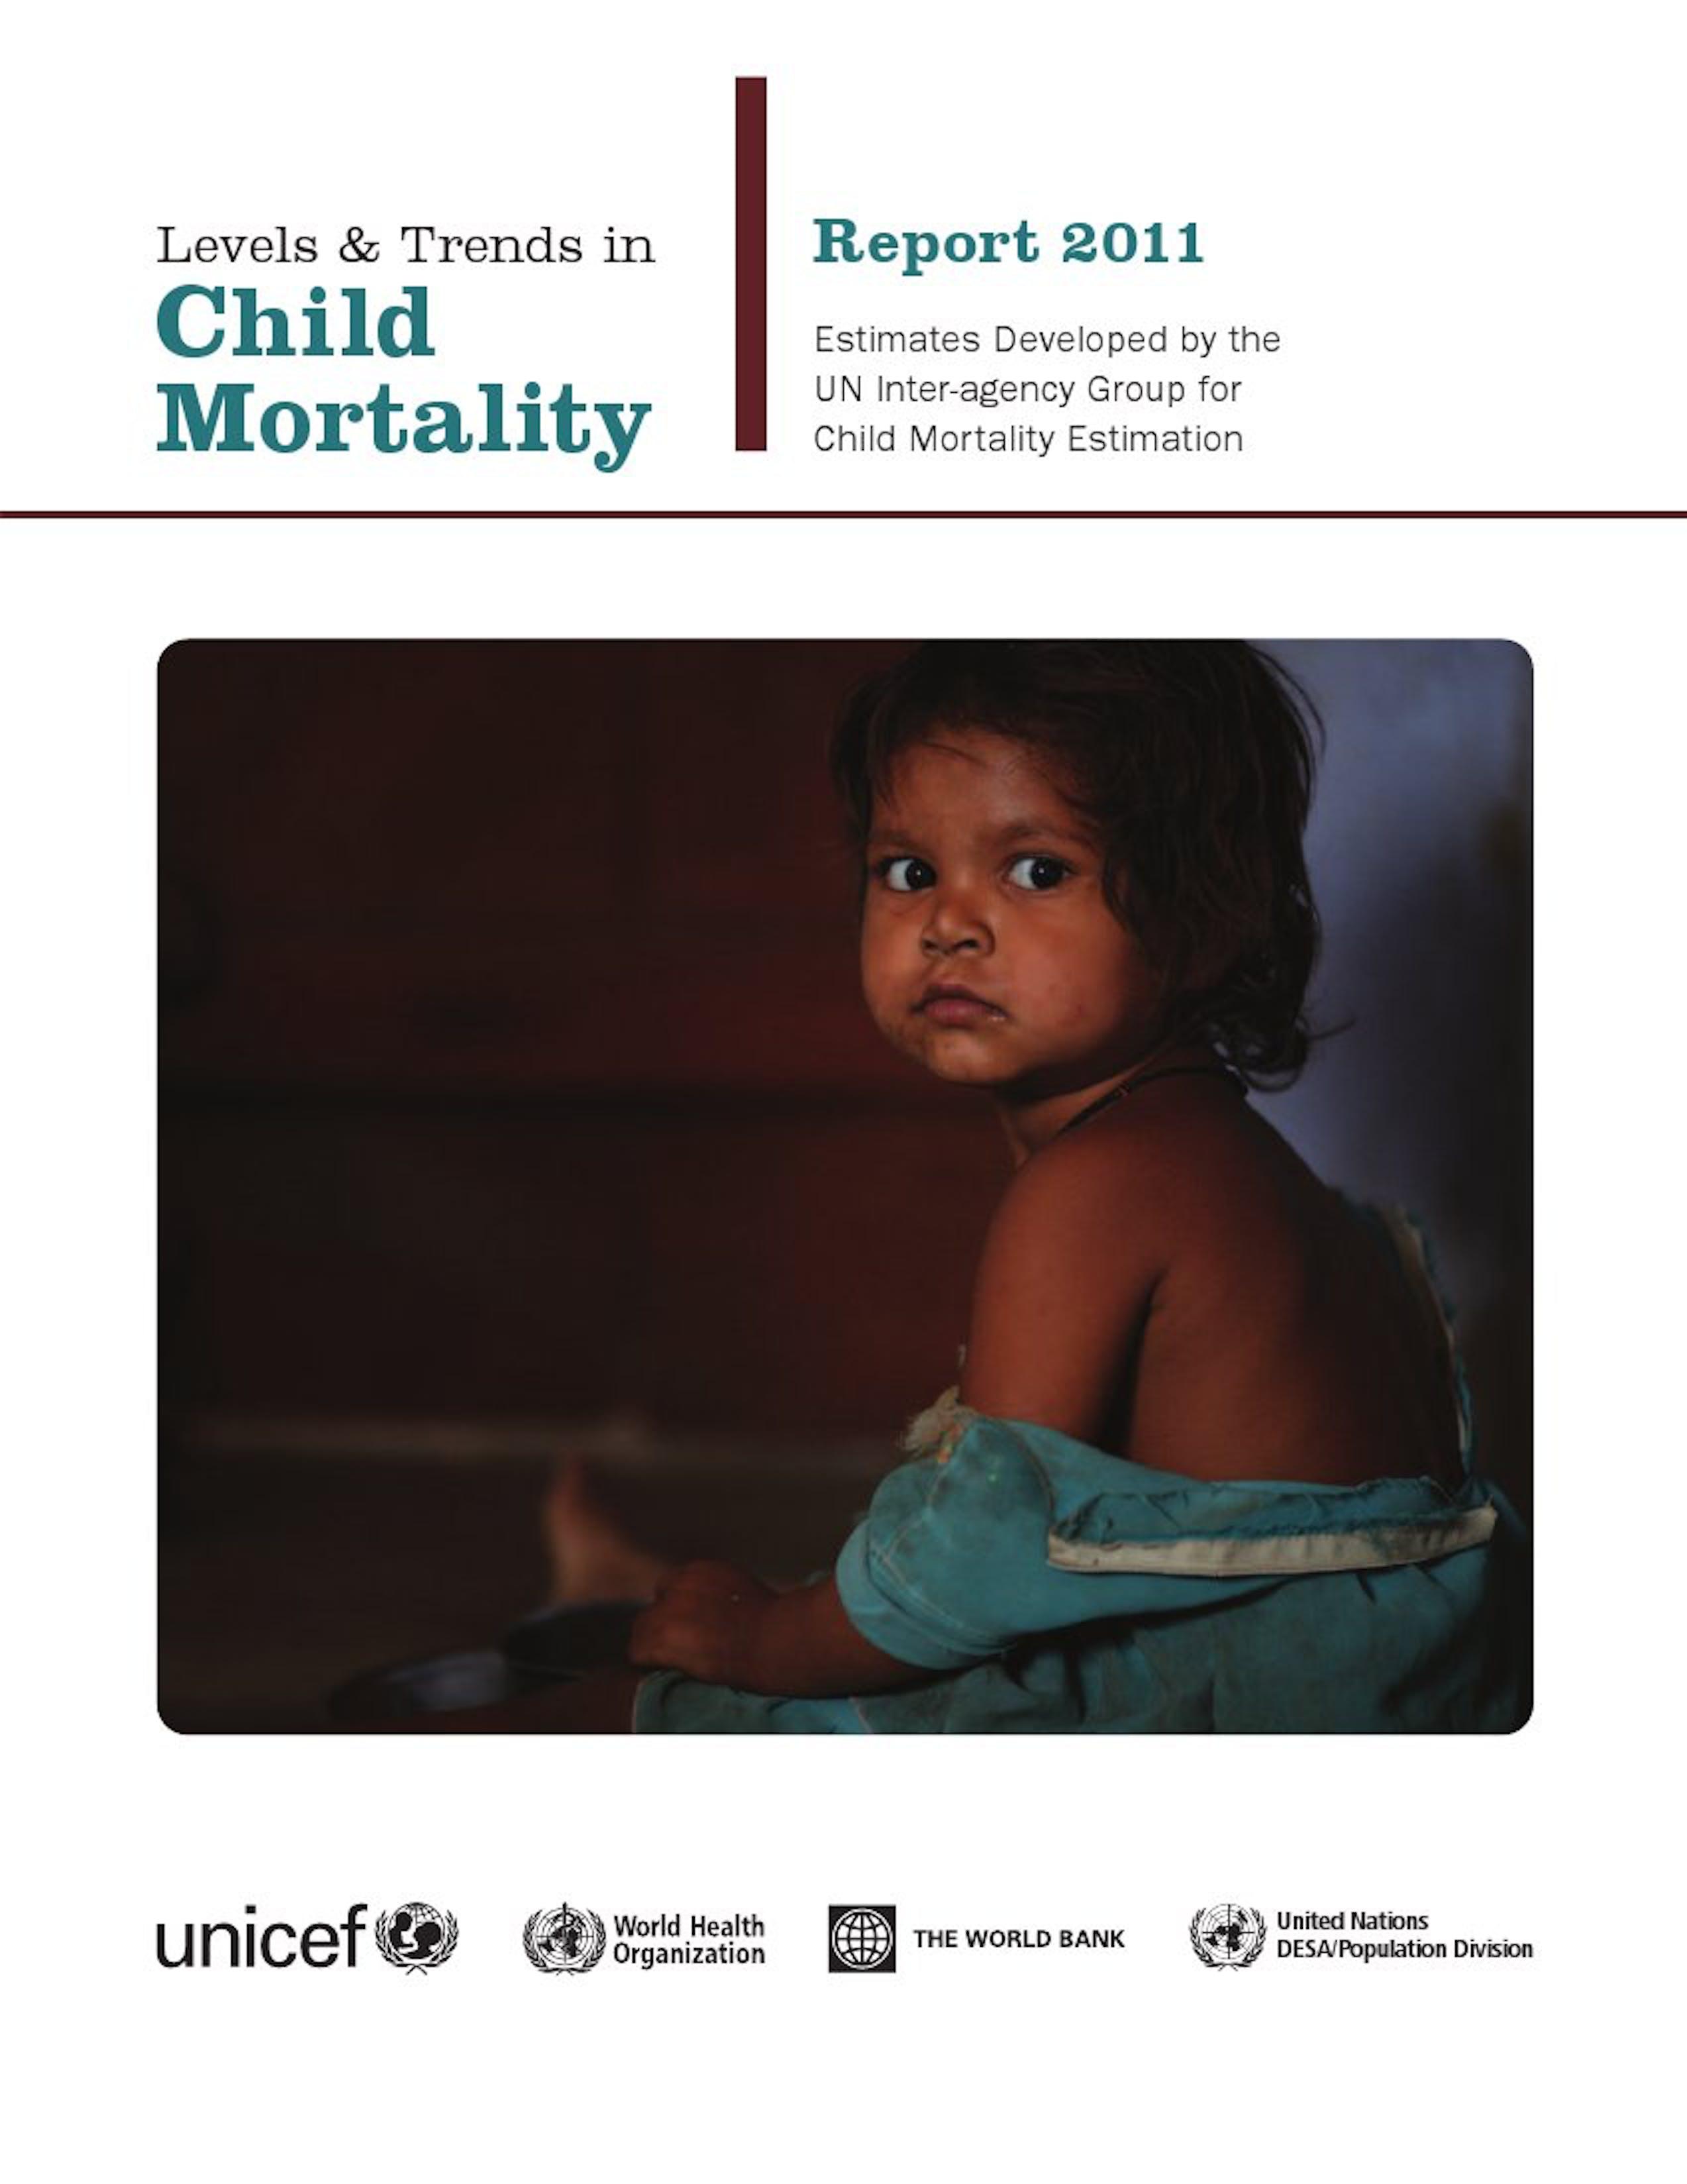 Livelli e andamenti nella mortalità infantile